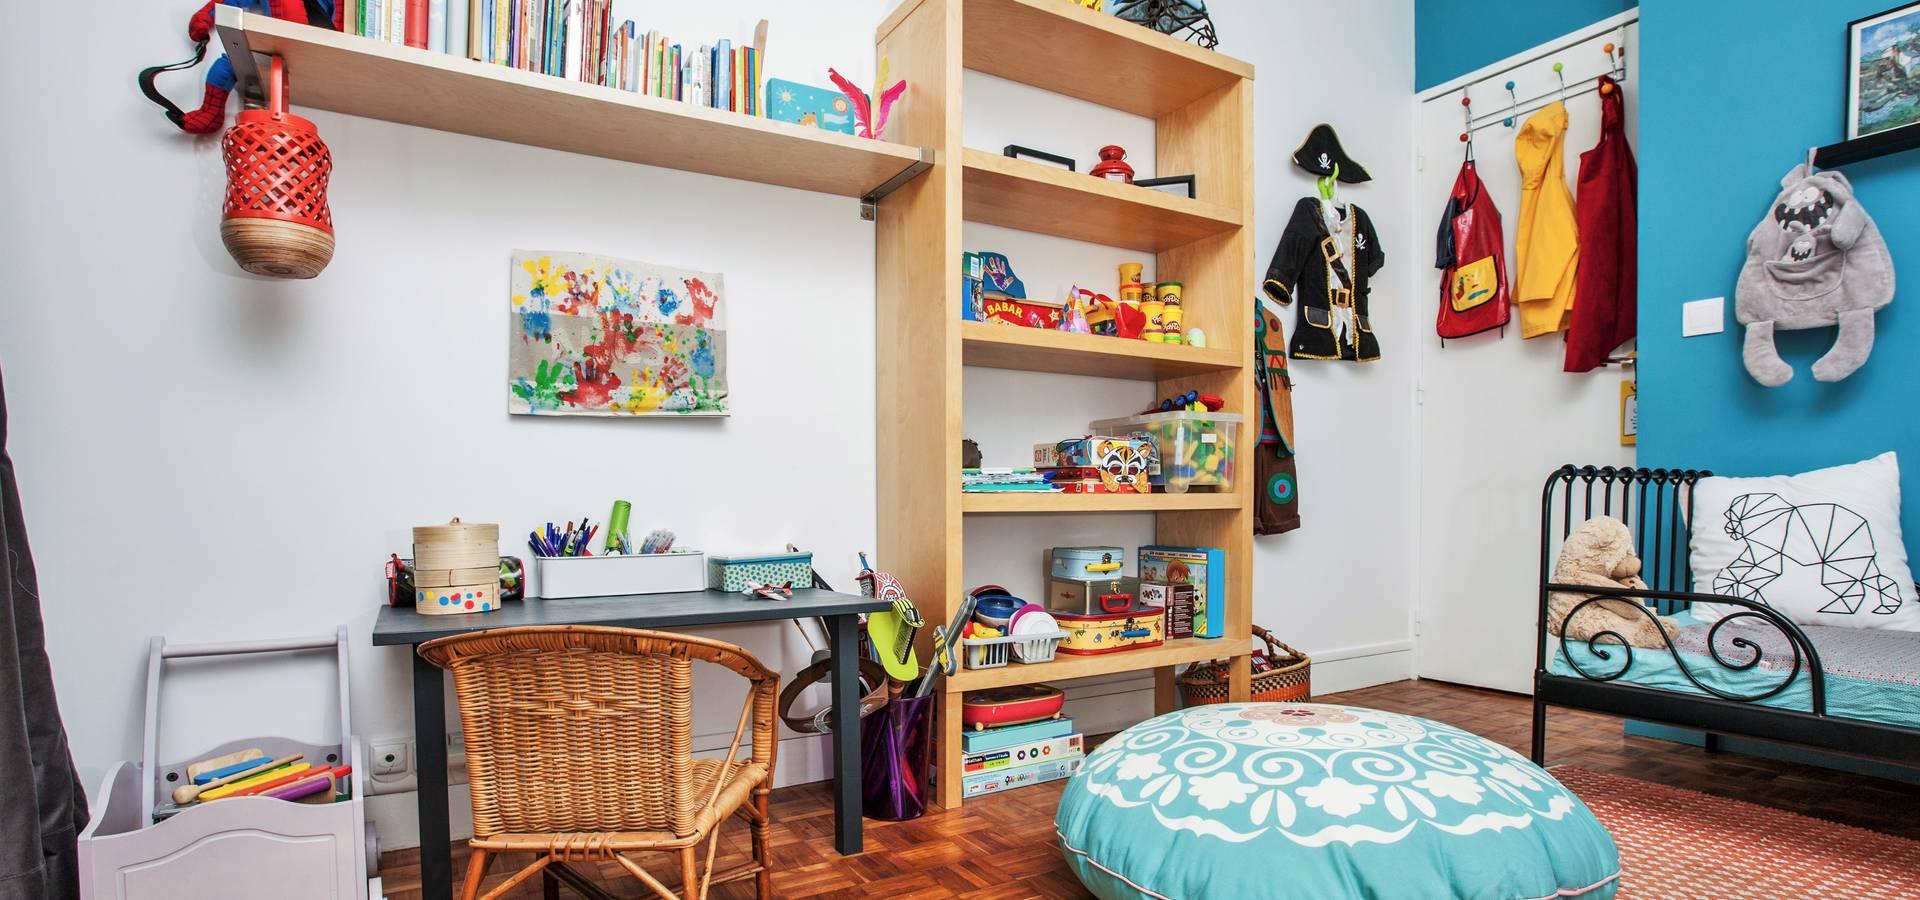 Mood interior decoradores y dise adores de interiores en paris homify - Disenadores de interior ...